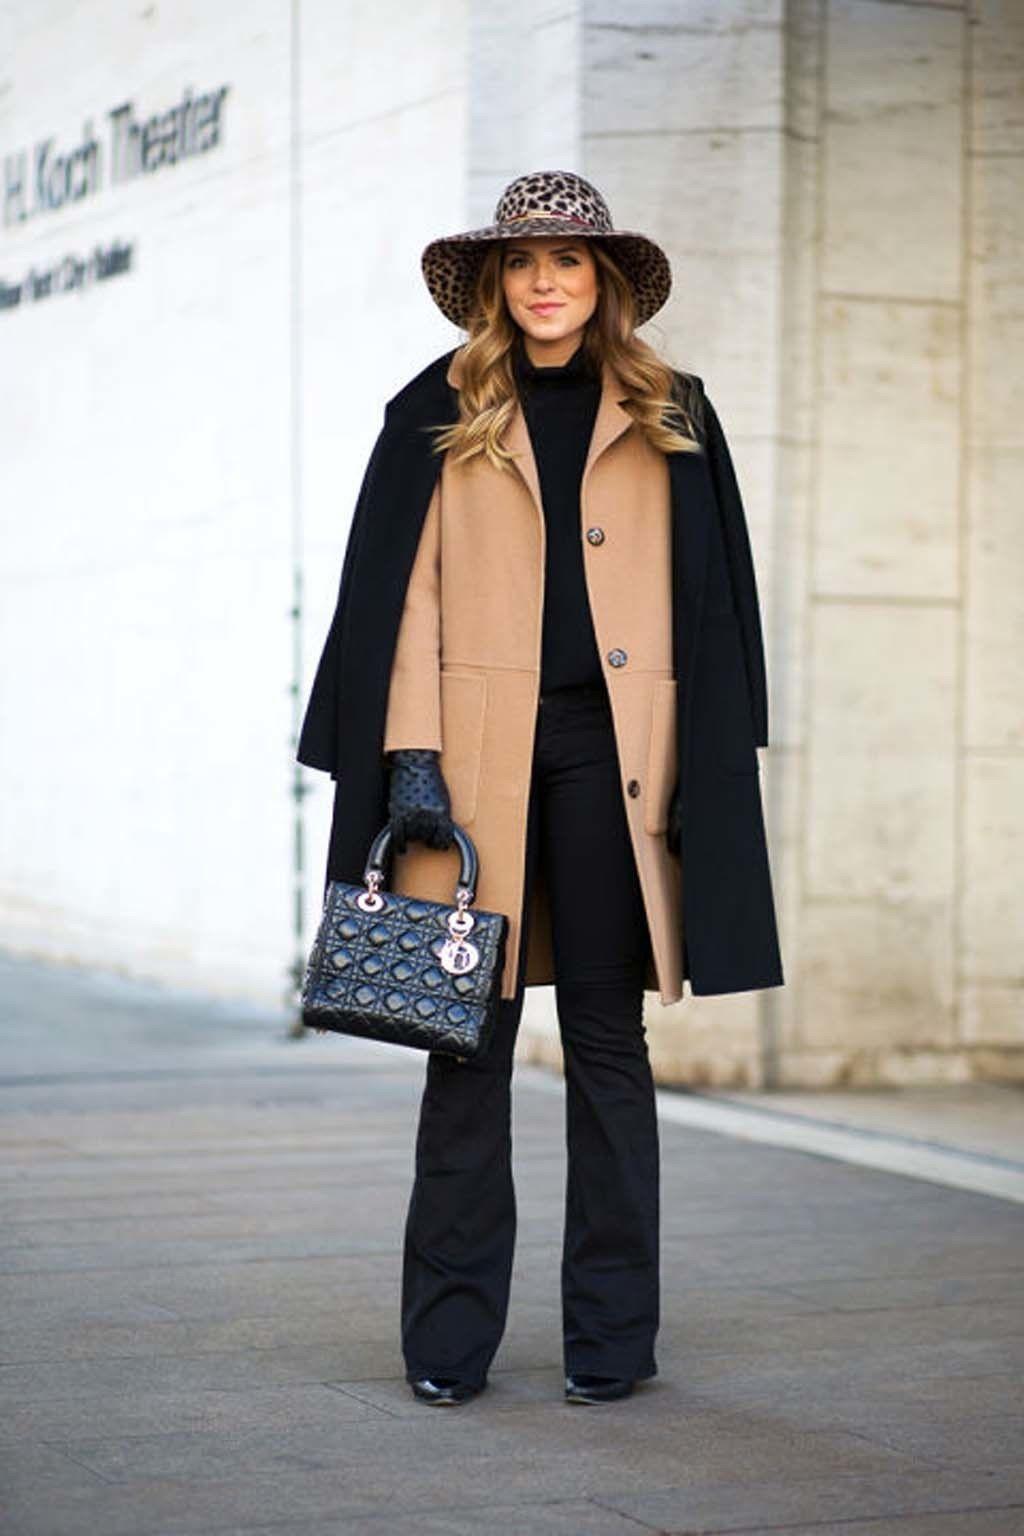 """<p>Ante las temperaturas más bajas, doble protección. Y nos gusta la forma en que lo hace ella: con abrigo masculino camel y un elegante abrigo recto en negro, haciendo rotundo su 'total black'.</p><p>Foto:<a href=""""http://www.closetfulofclothes.com/"""" target=""""_blank""""><strong> closetfulofclothes.com</strong></a></p><p></p>"""